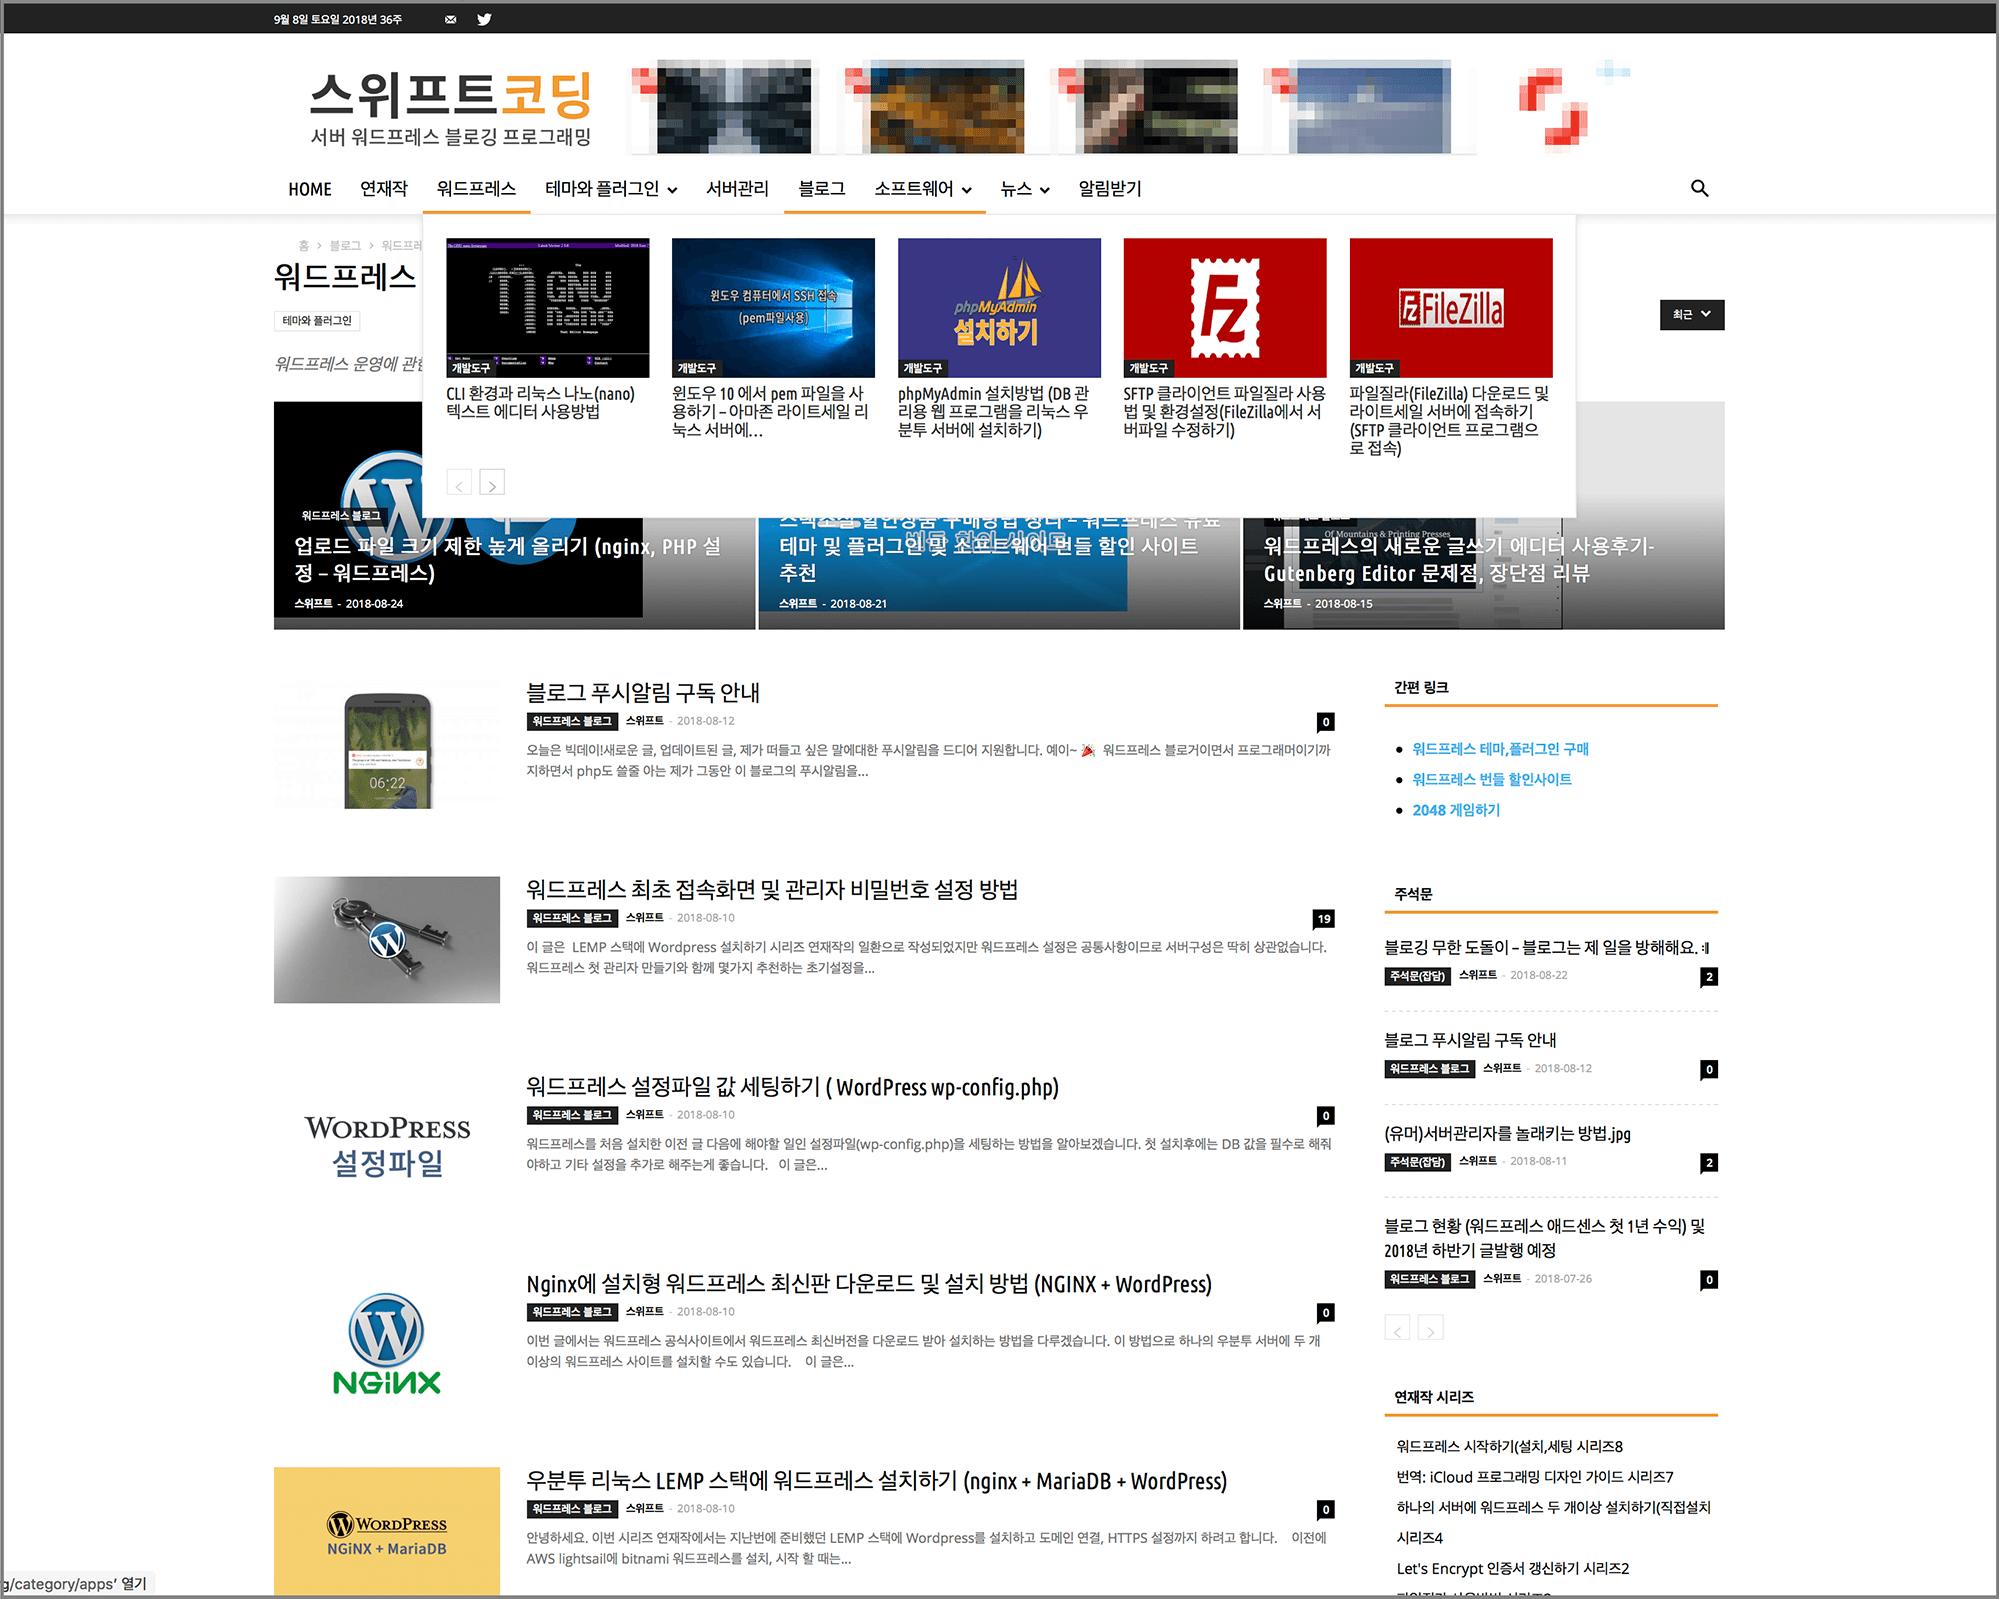 한 화면에 더 많은 정보가 나오는 워드프레스 카테고리 리스트보기